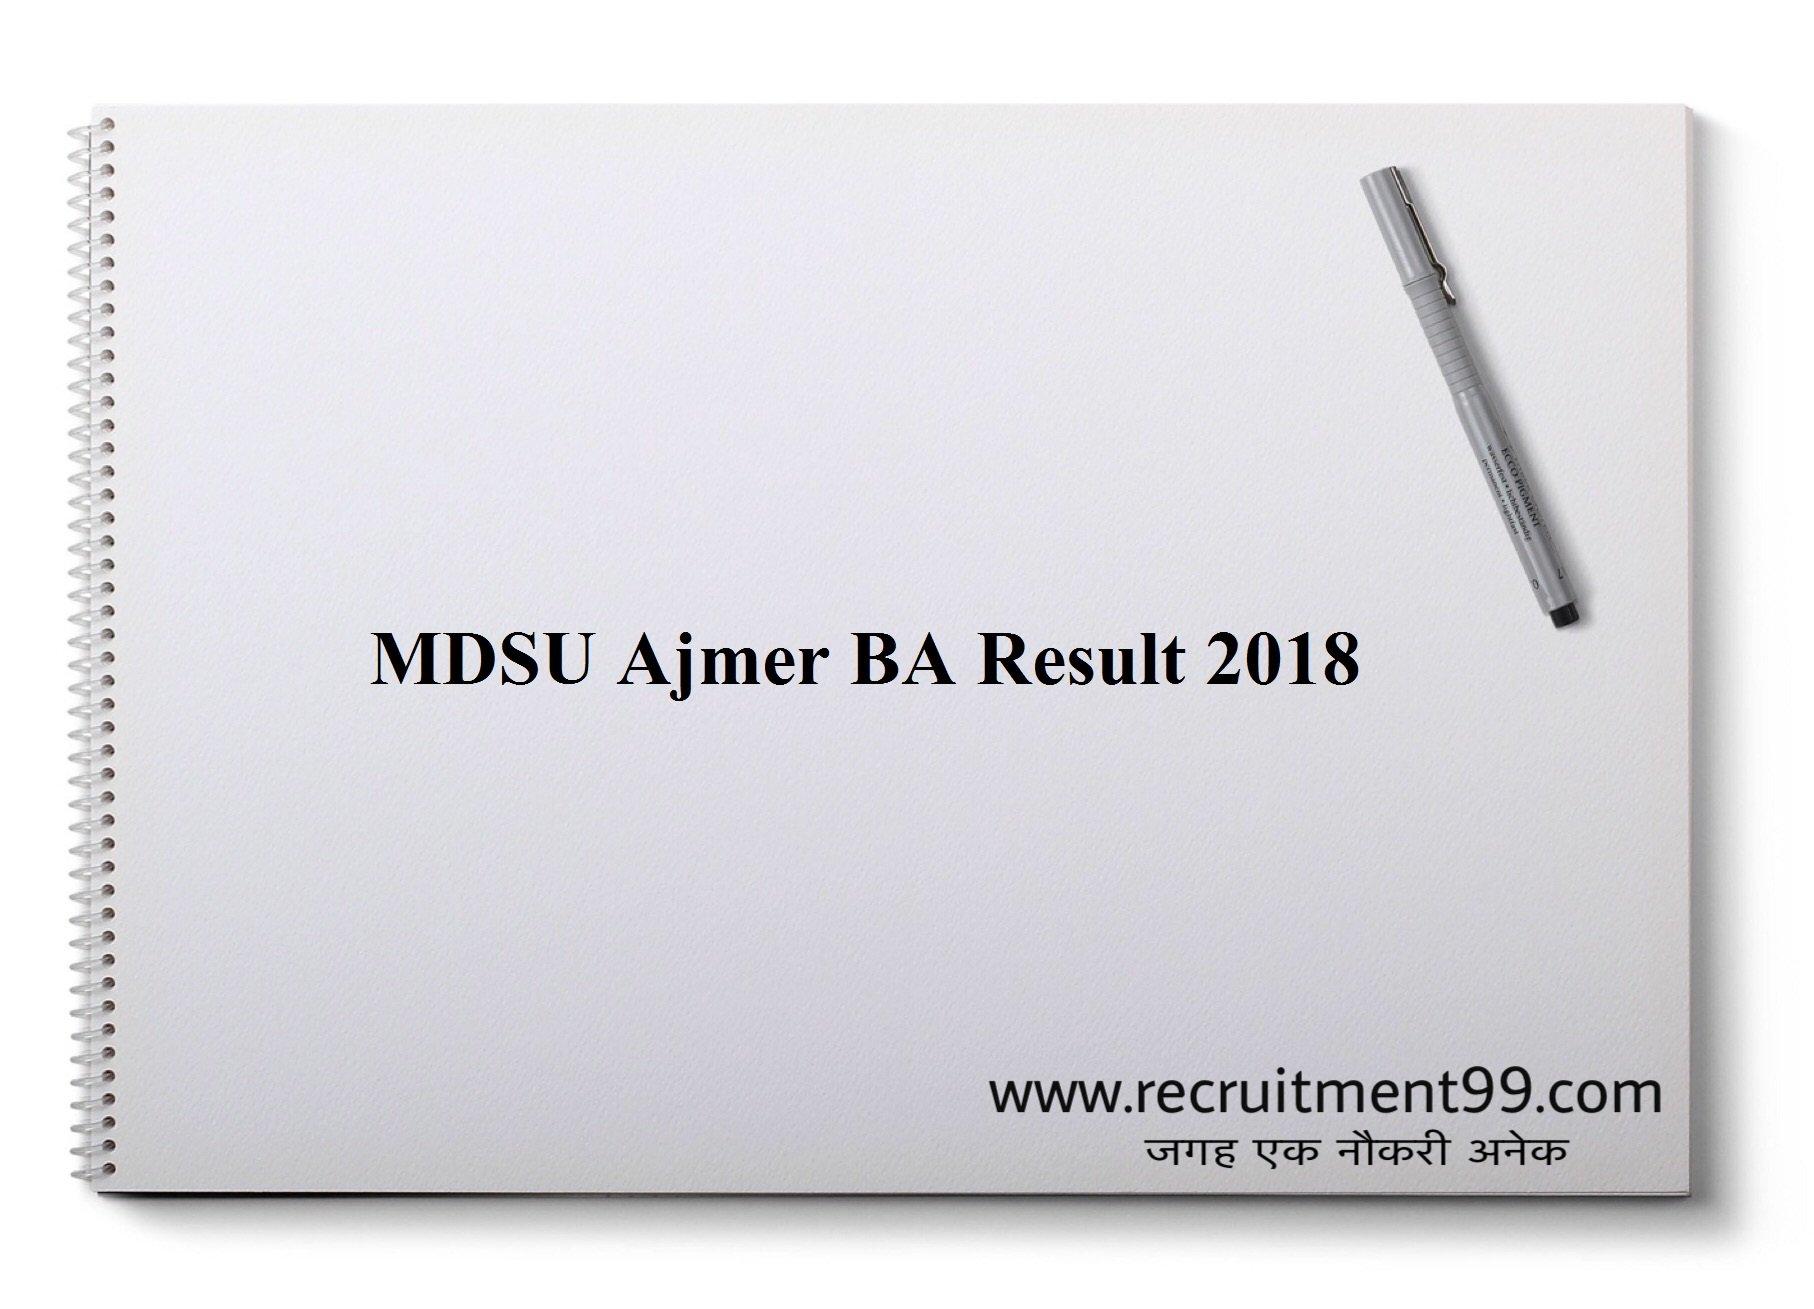 MDSU Ajmer BA Result 2018